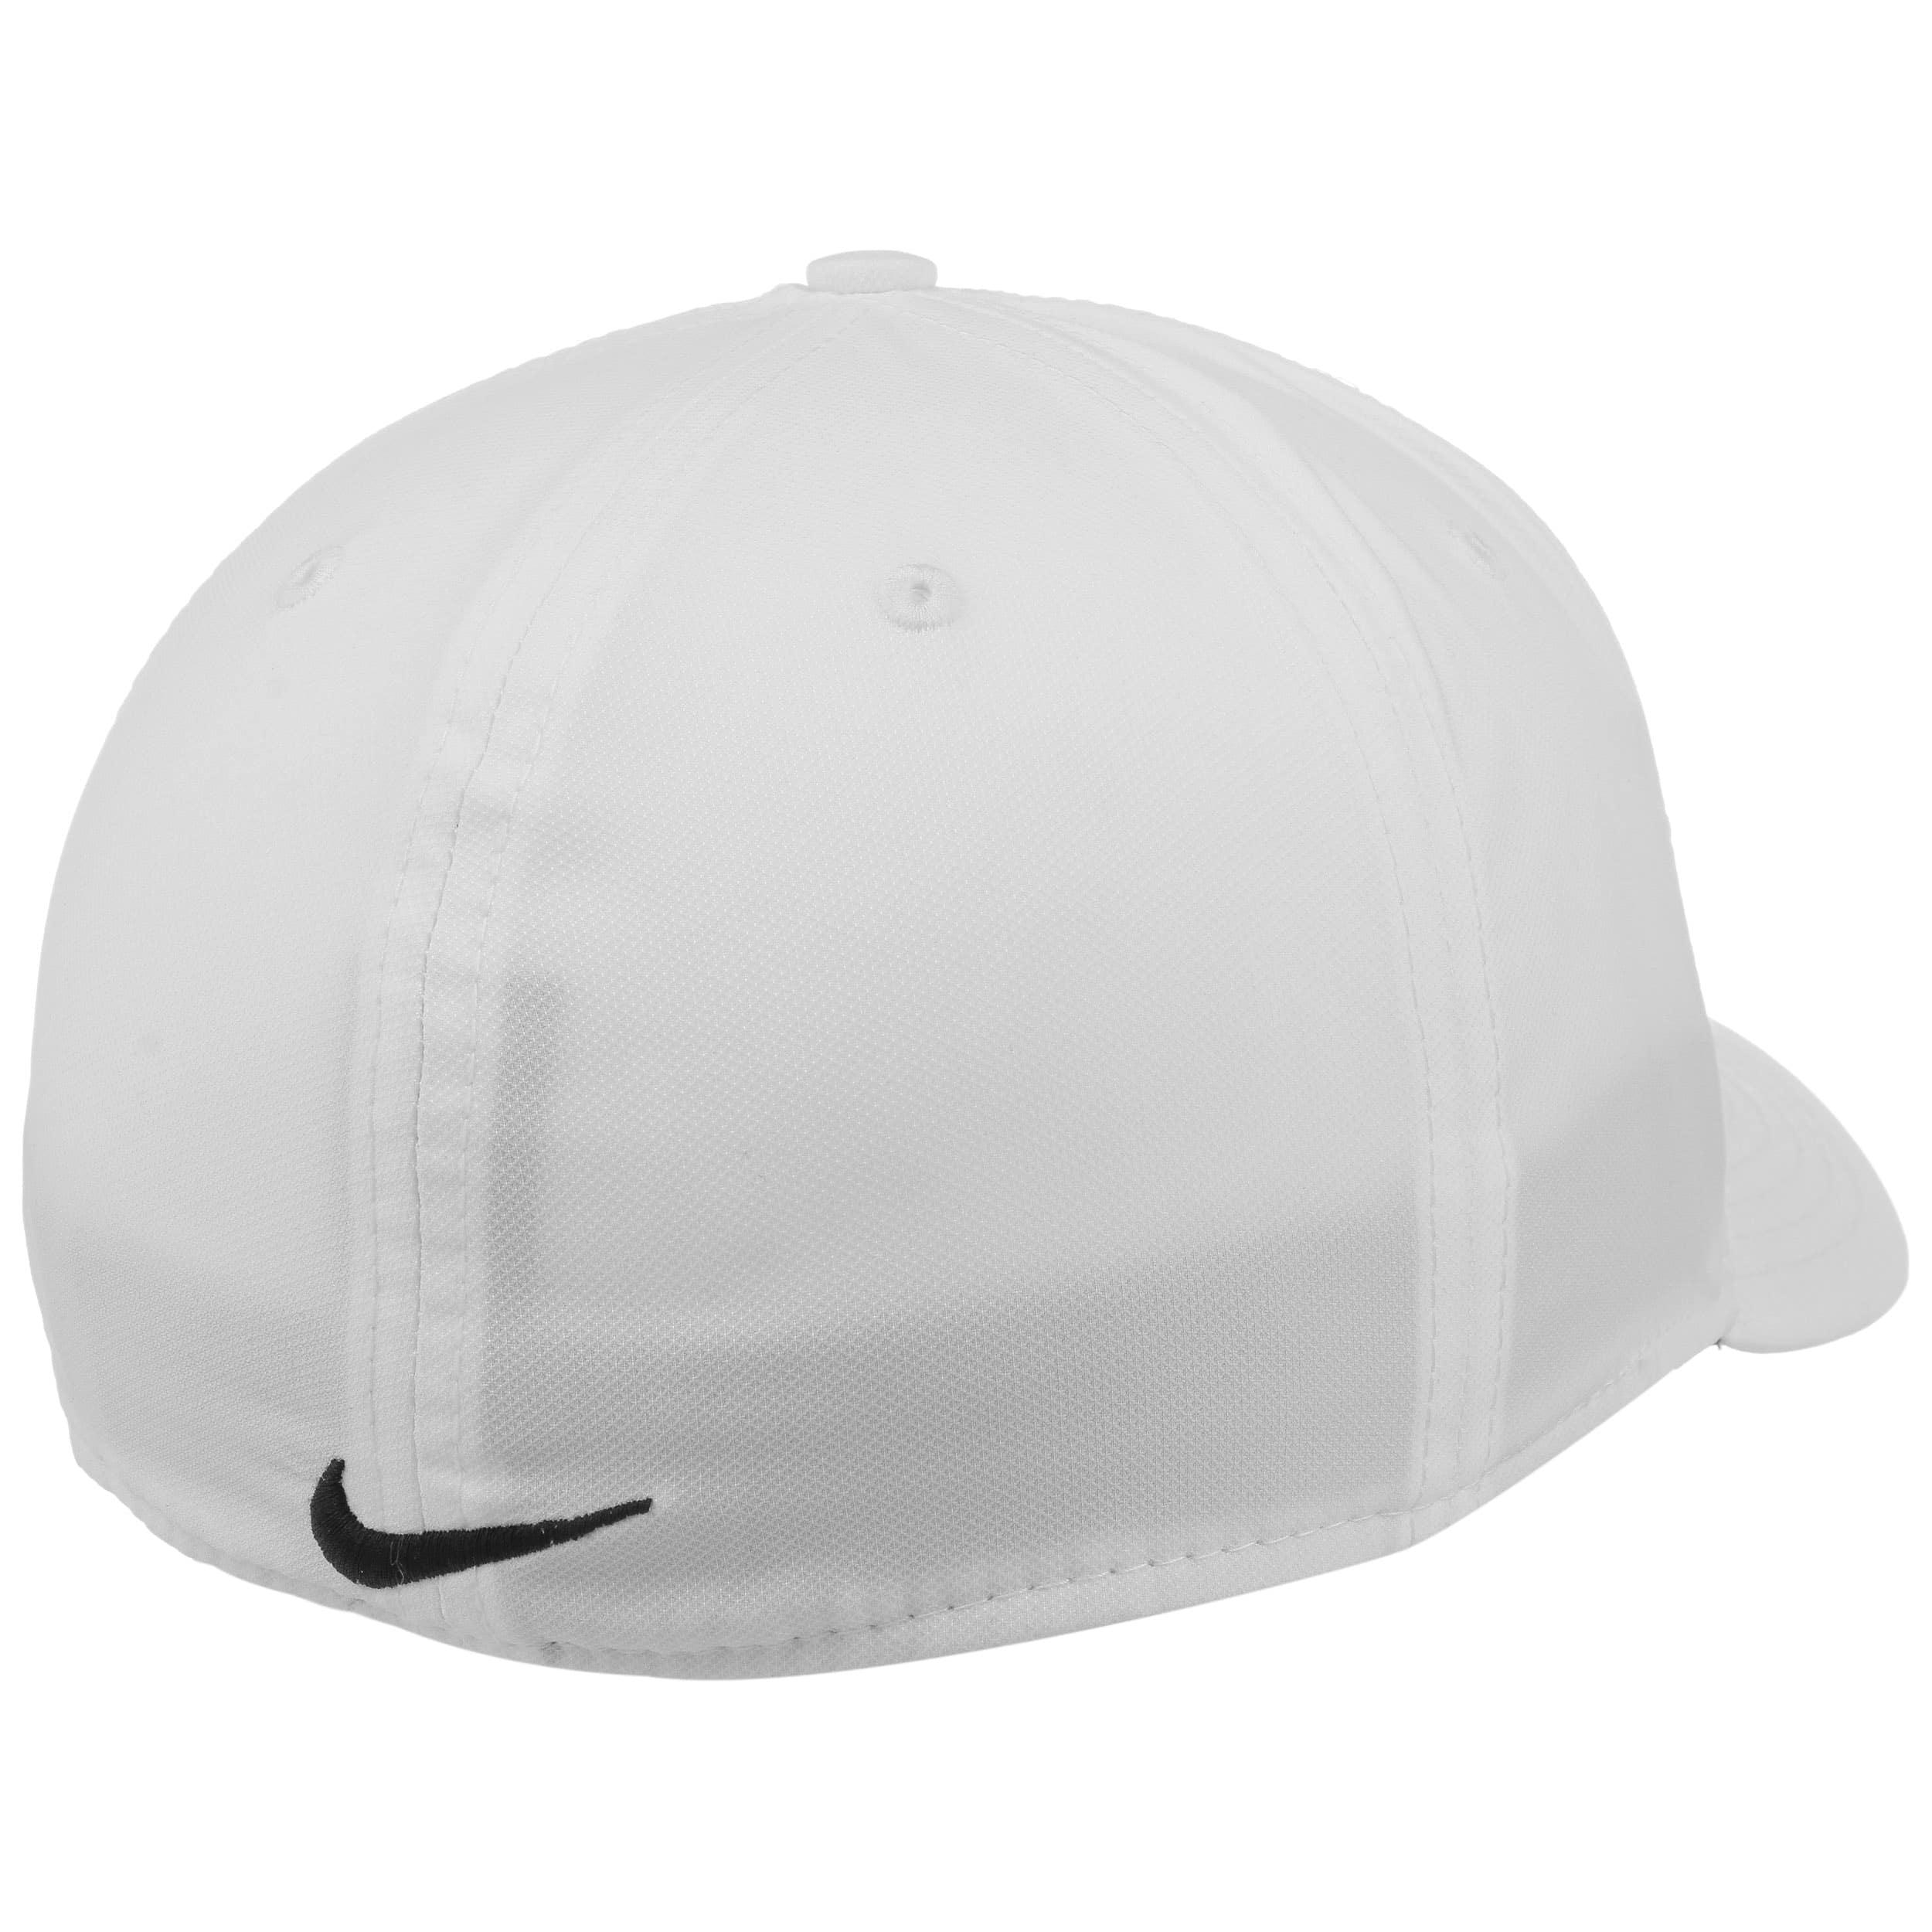 Gorra Golf Classic 99 Performance by Nike - Gorras - sombreroshop.es db675fa3b8a